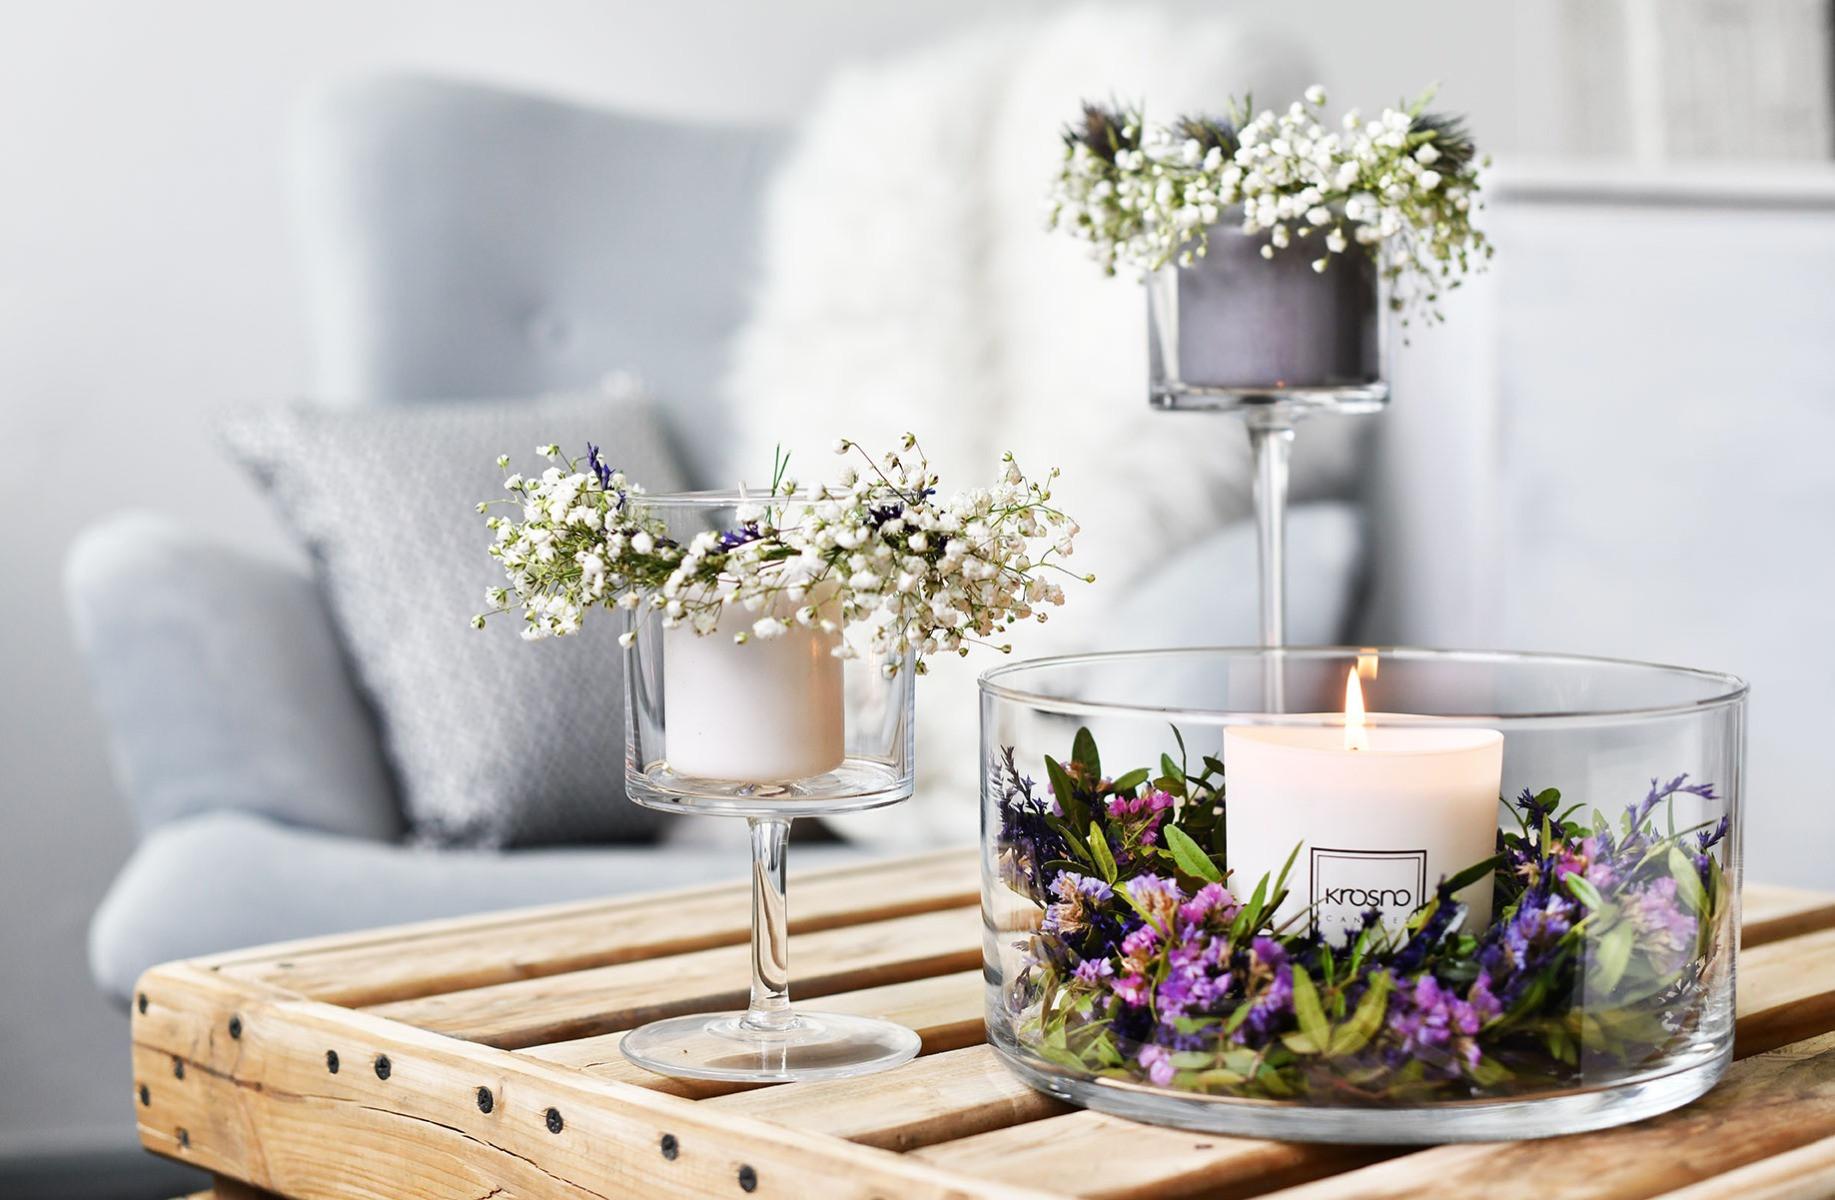 Kwiatowe dekoracje stołu KROSNO